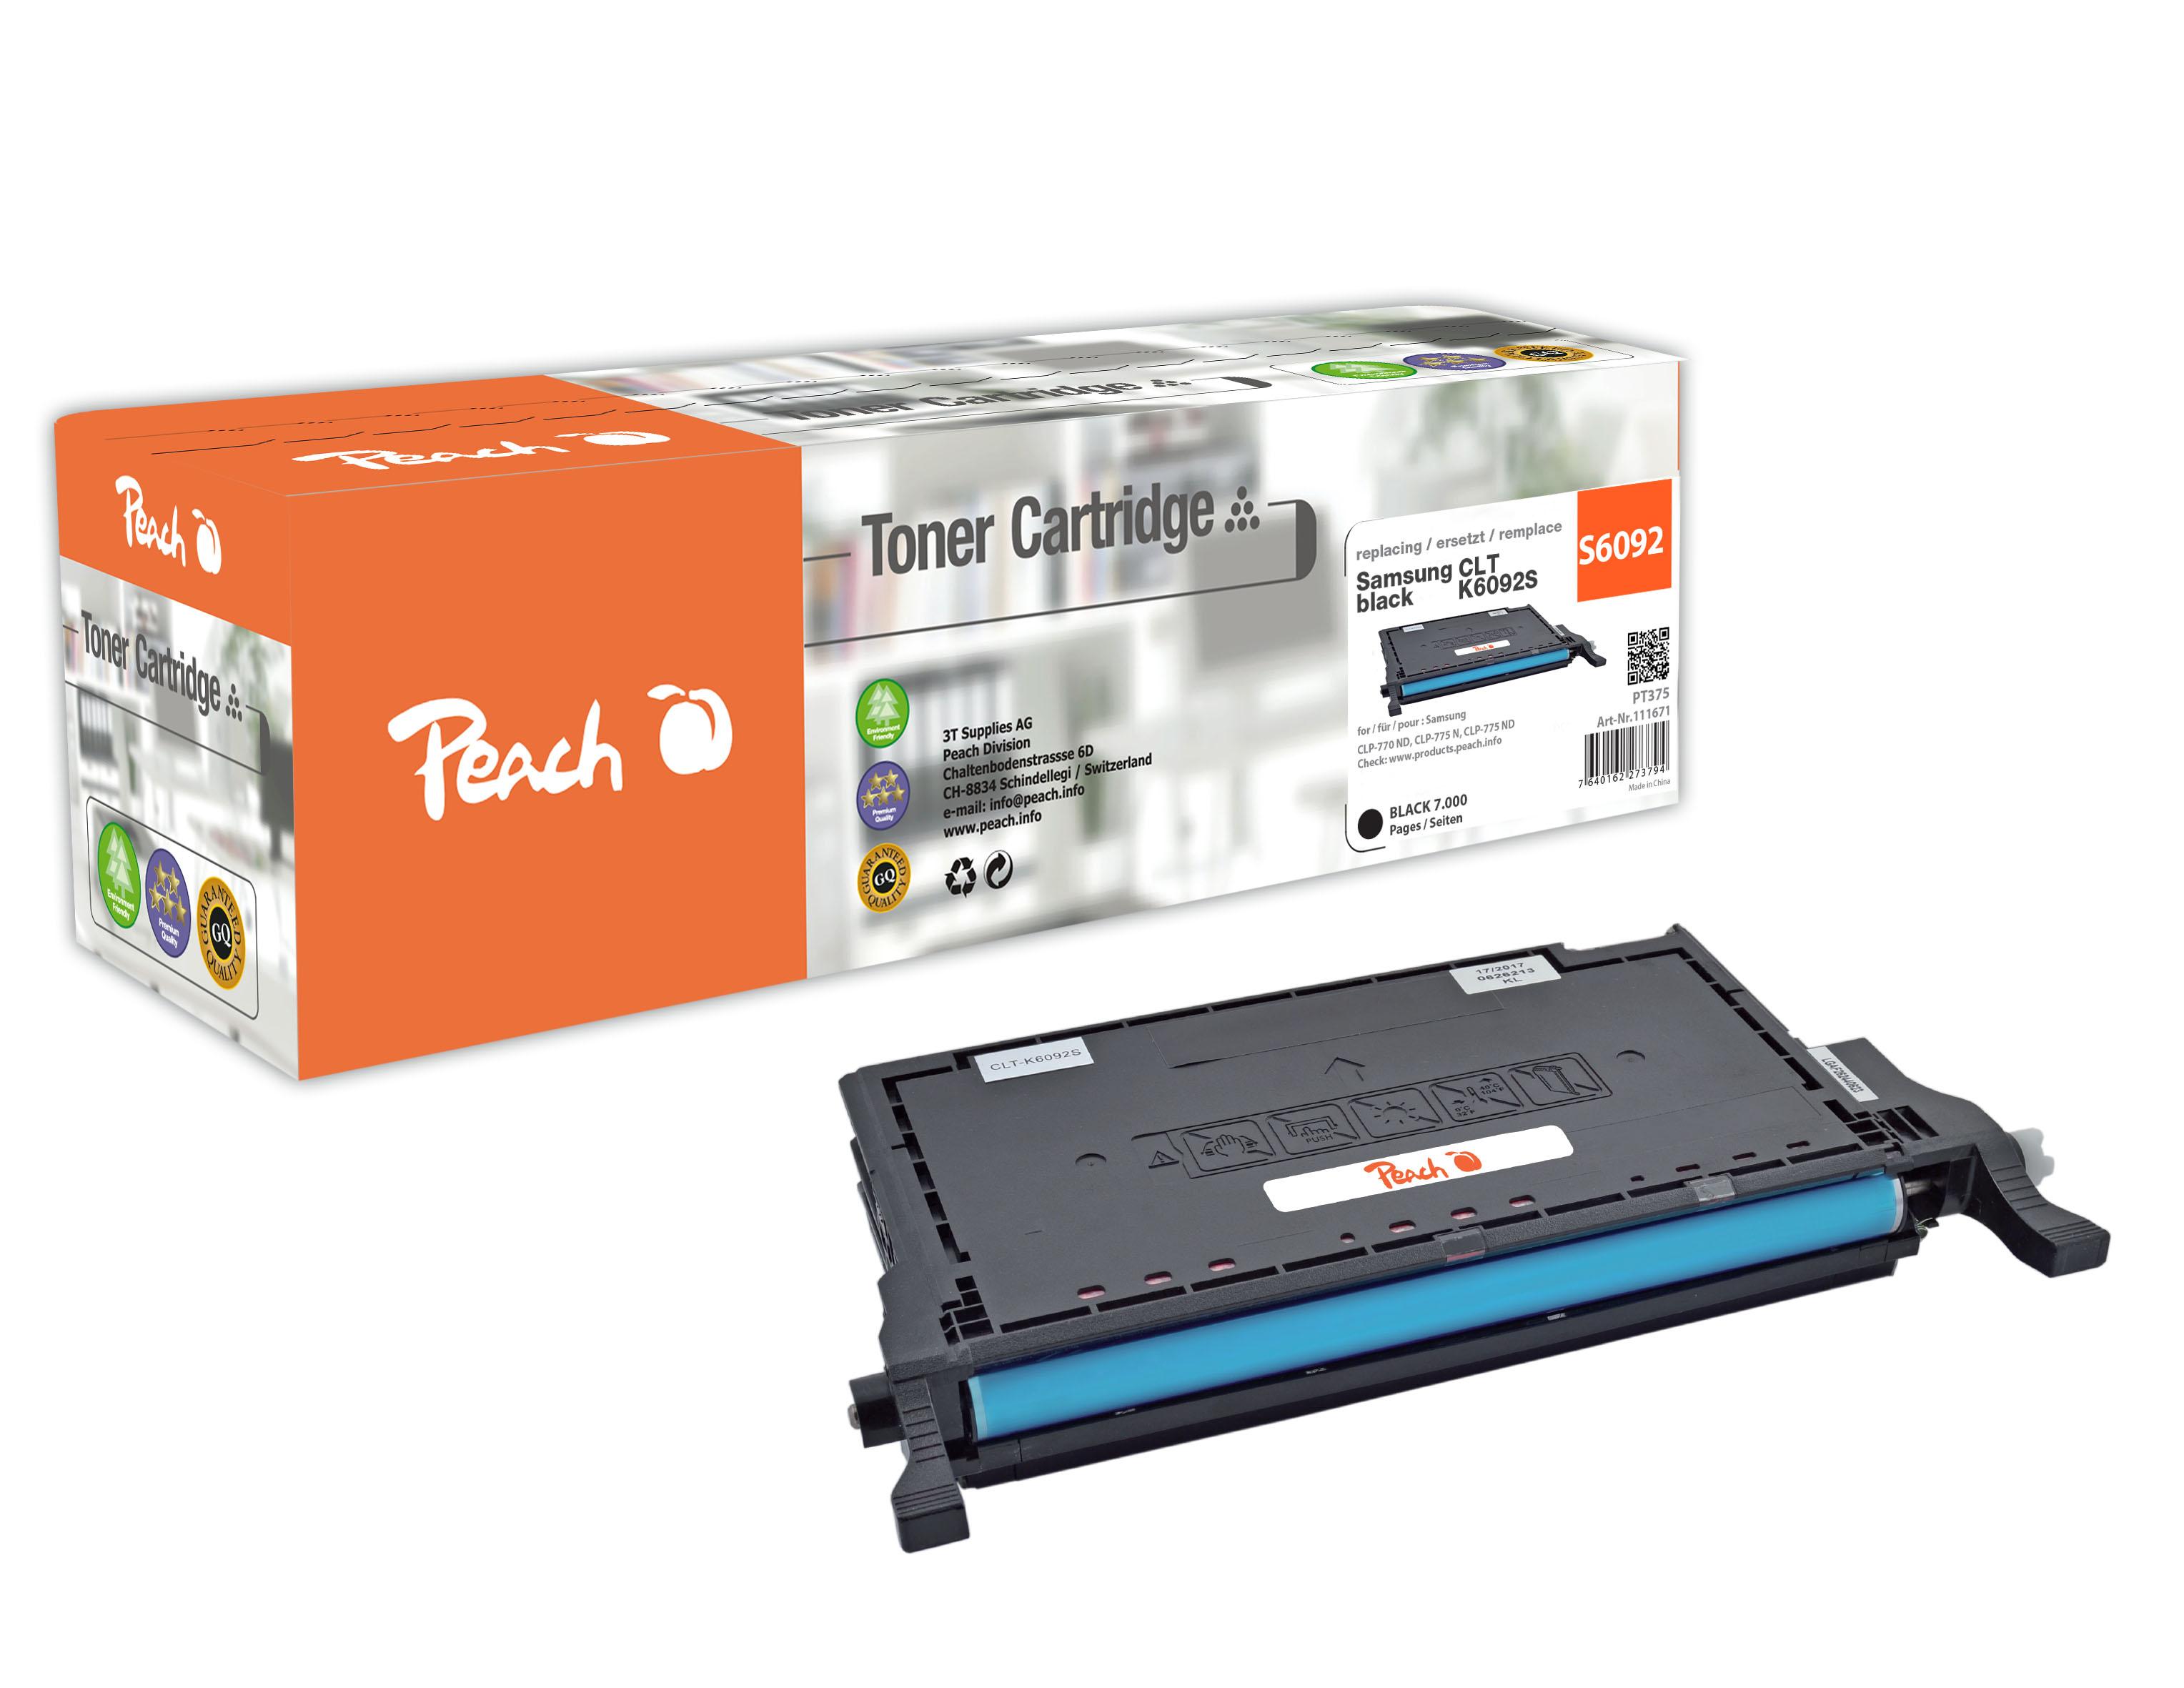 Peach  Tonermodul schwarz kompatibel zu Samsung CLP-775 ND